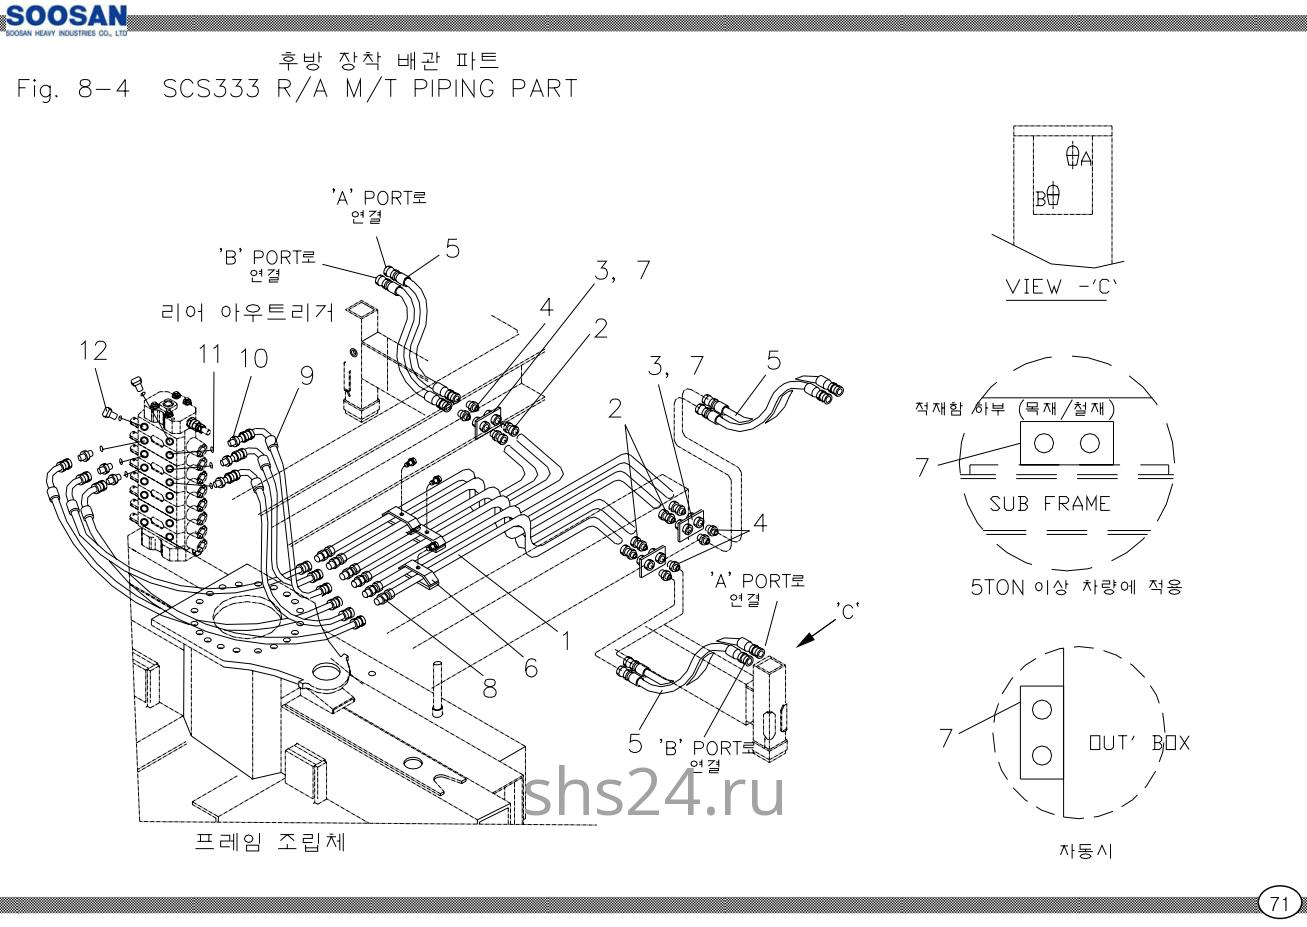 Схема подключения задних аутригеров Soosan scs 333,334,335